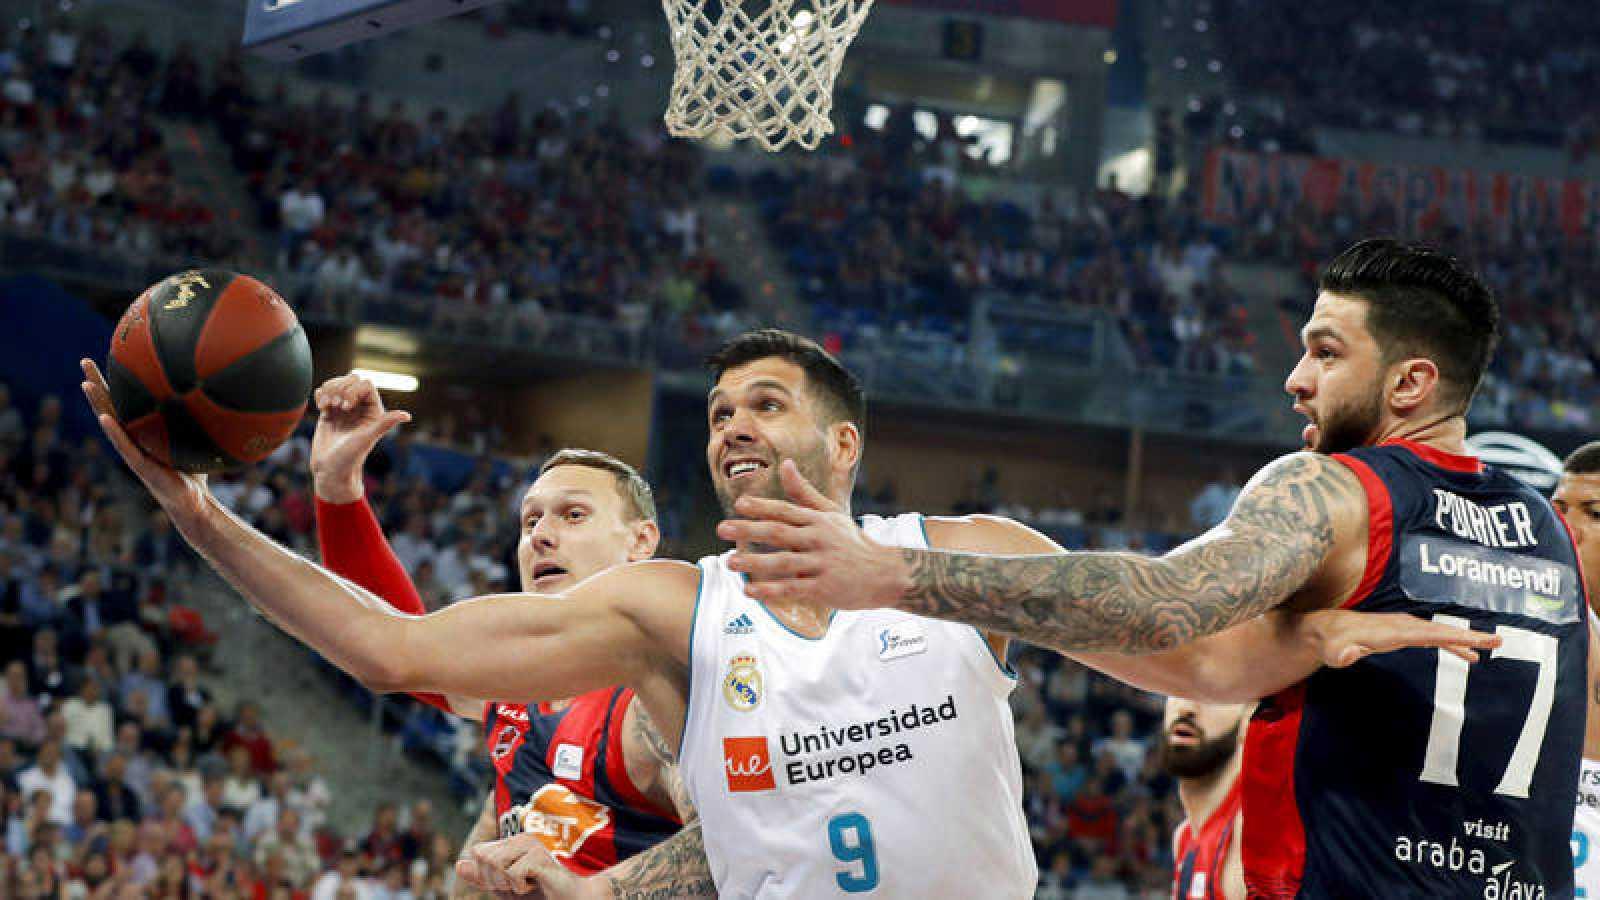 El pívot del Real Madrid Felipe Reyes lucha el balón con los jugadores del Baskonia Janis Timma y Vincent Poirier